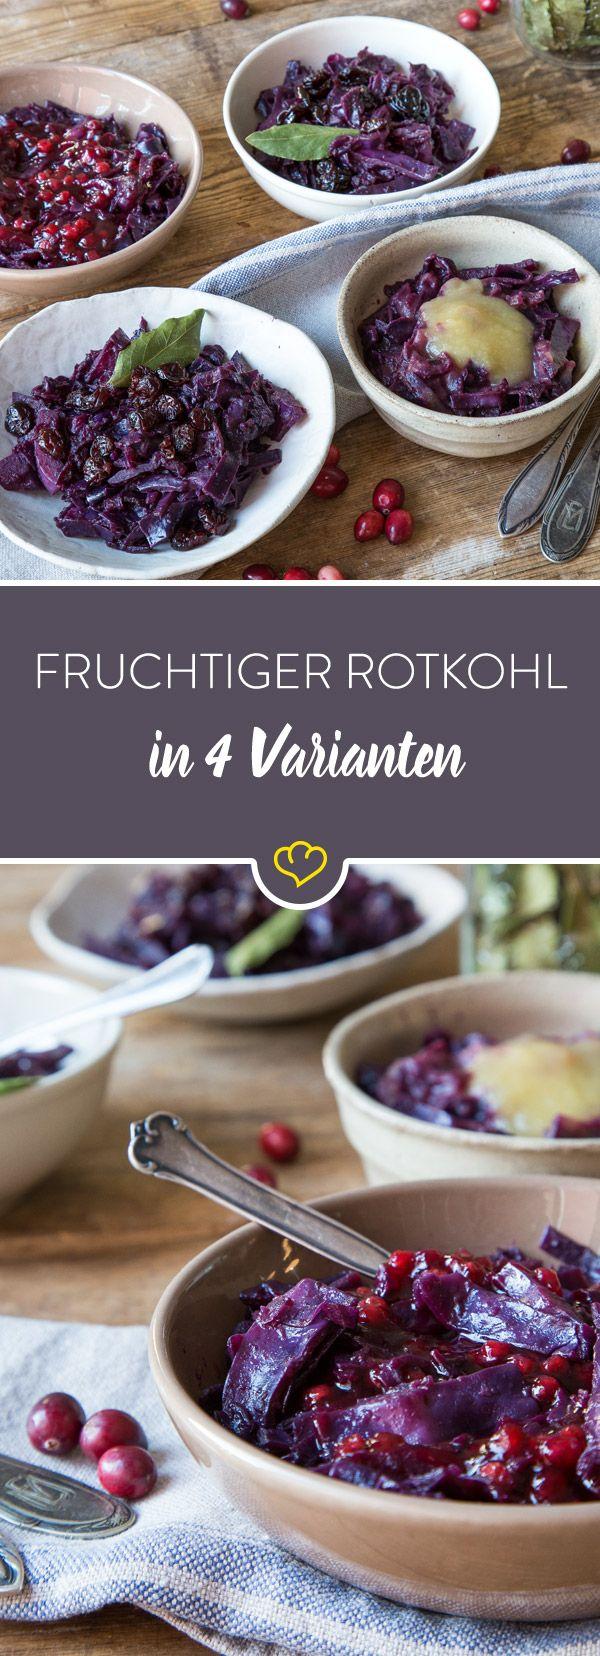 Nie wieder langweiliger Rotkohl: Mit Apfelmus, Preiselbeeren, getrockneten Kirschen oder Cranberries wird dein Blaukraut immer extra fruchtig und lecker.